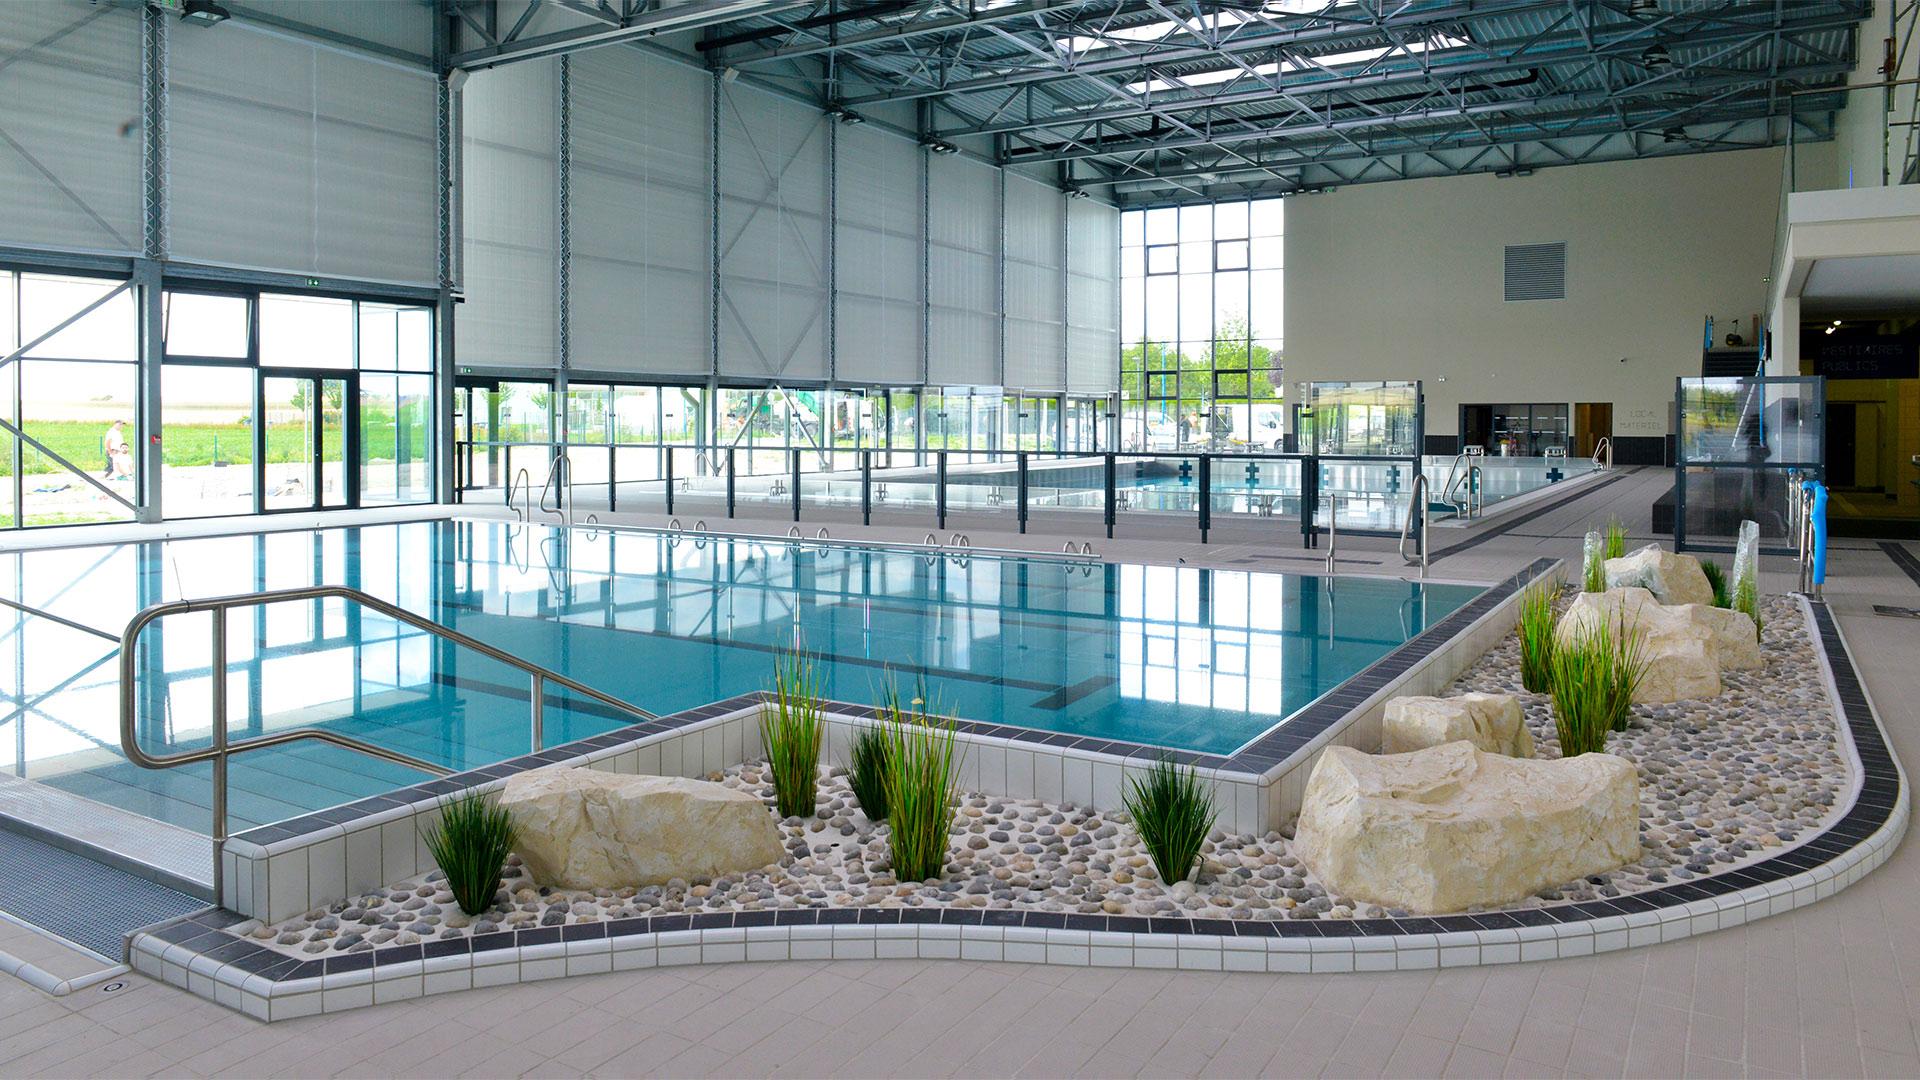 Pôle Aquatique - Aquacité | Ville De Châlons-En-Champagne intérieur Piscine Chalon